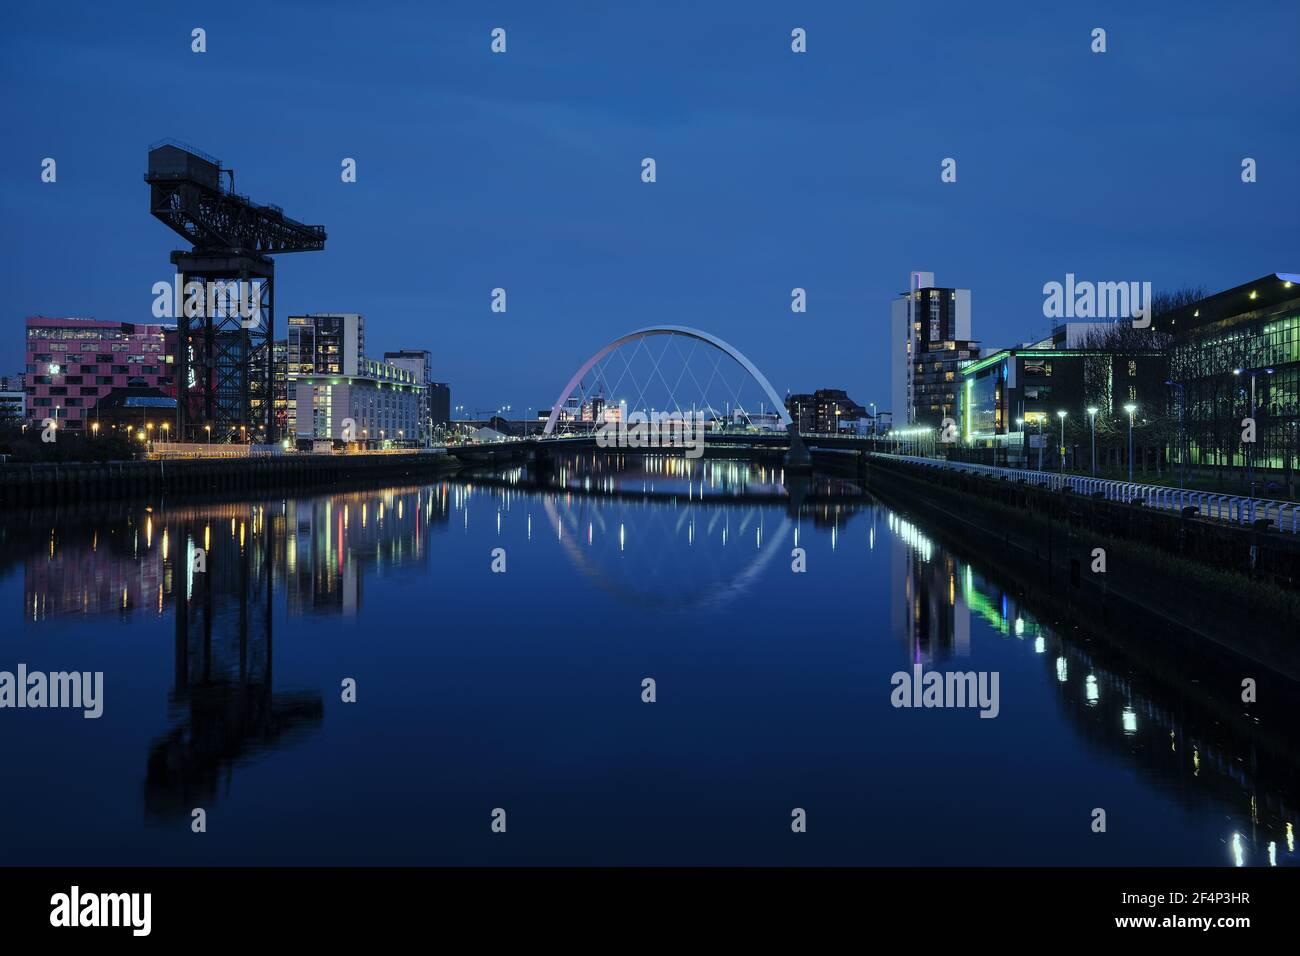 Vue nocturne de la Clyde Arc ou aux Bridge de l'Est et de la rivière Clyde, Glasgow, Ecosse Banque D'Images